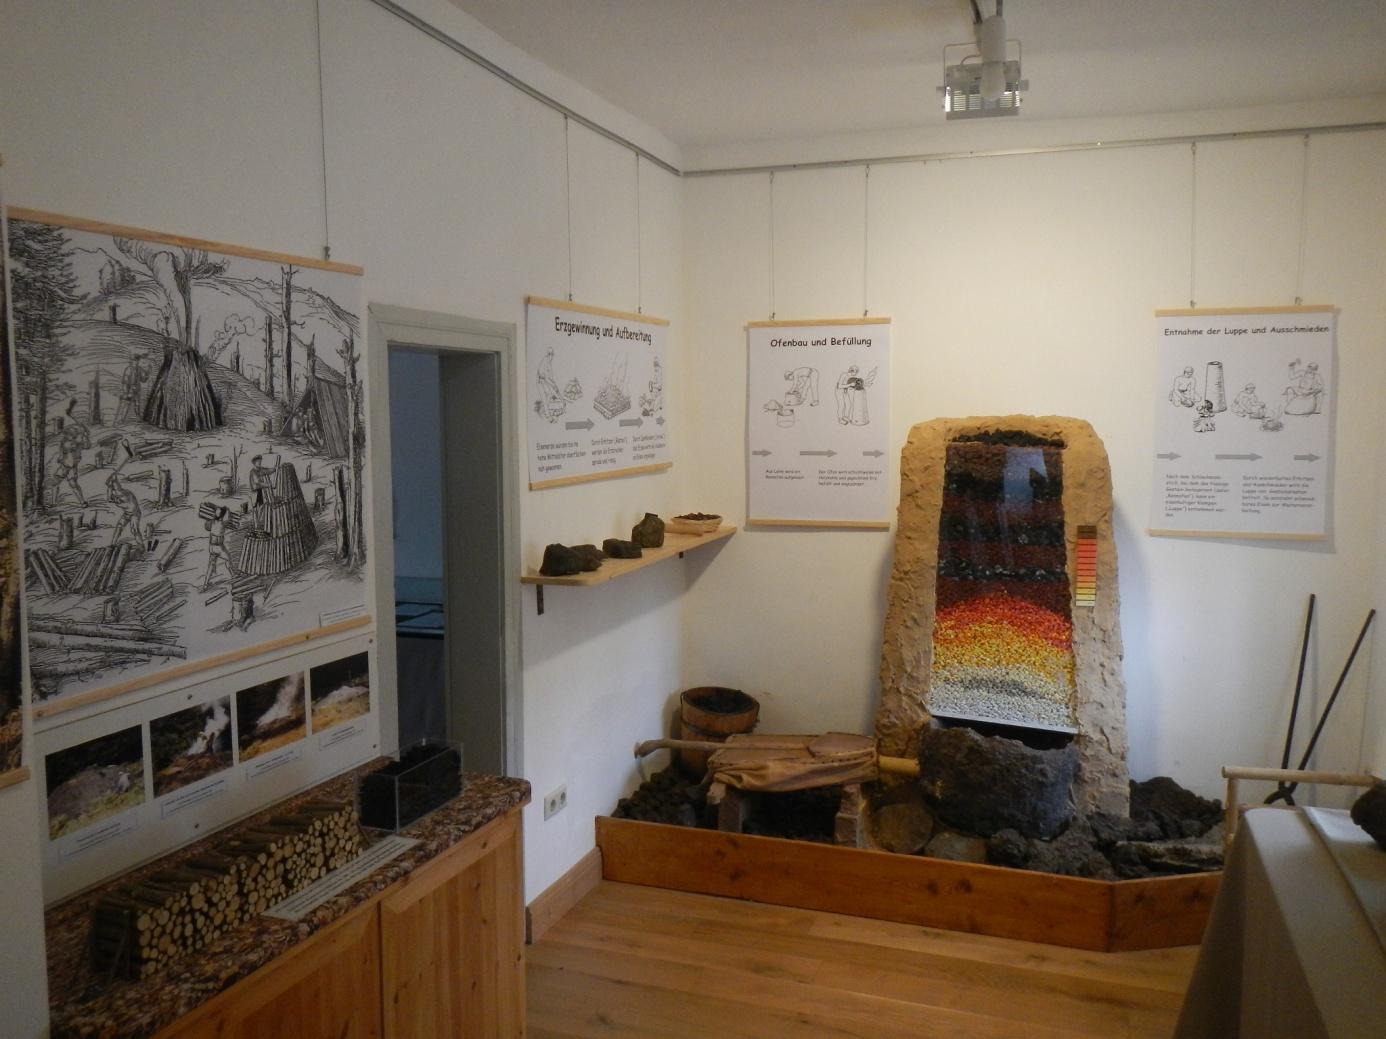 Einblick in den Raum der Dauerausstellung zur historischen Eisnegewinnung